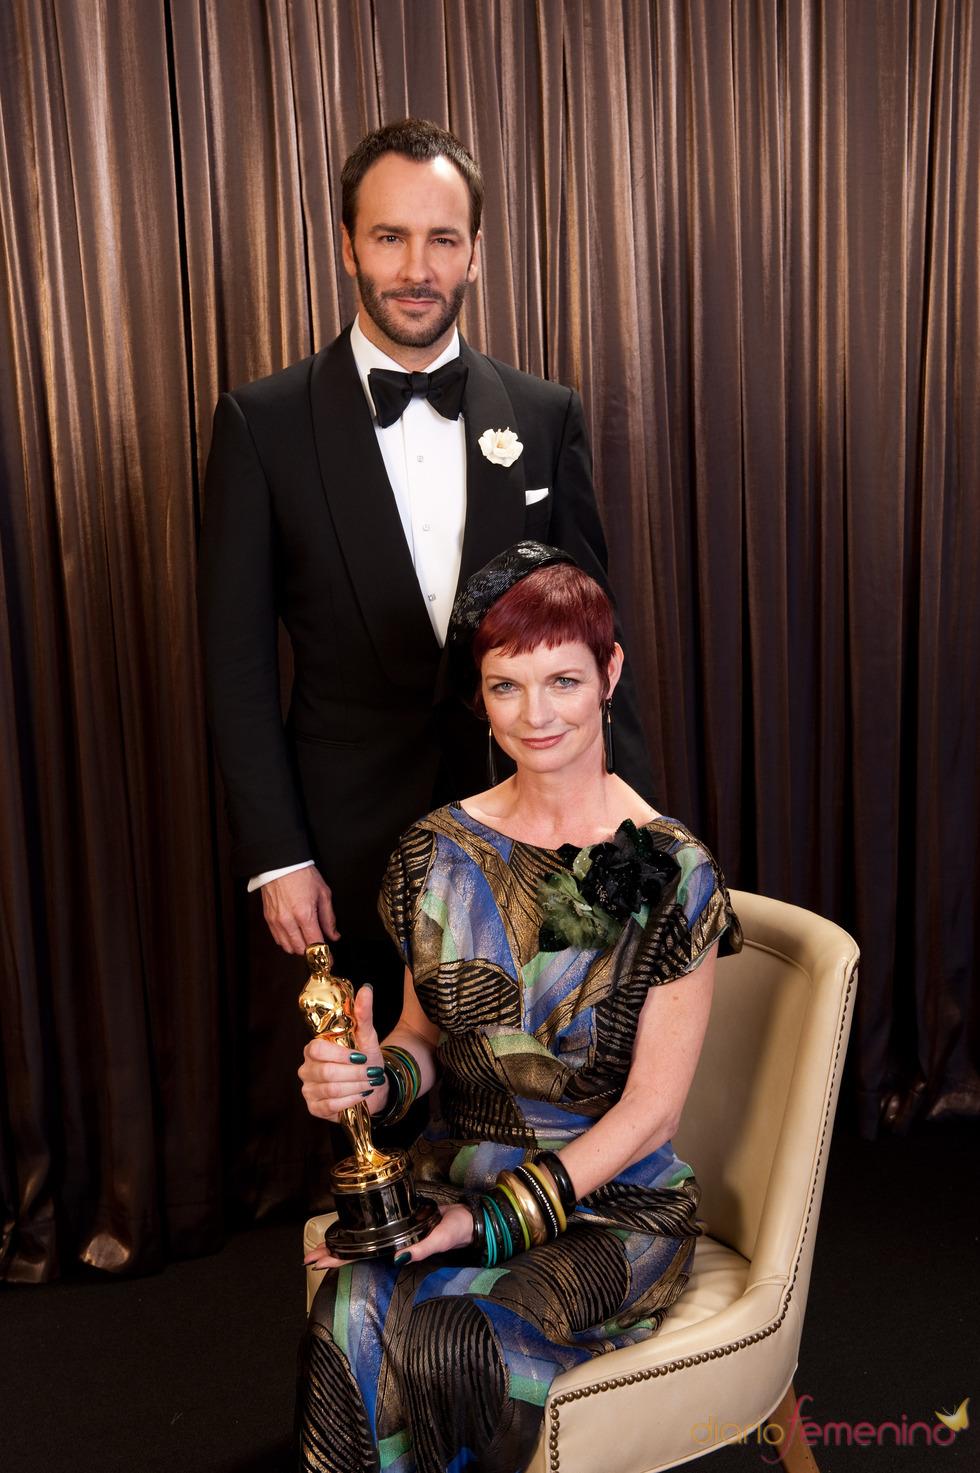 'La reina Victoria': Oscar 2010 al Mejor Vestuario